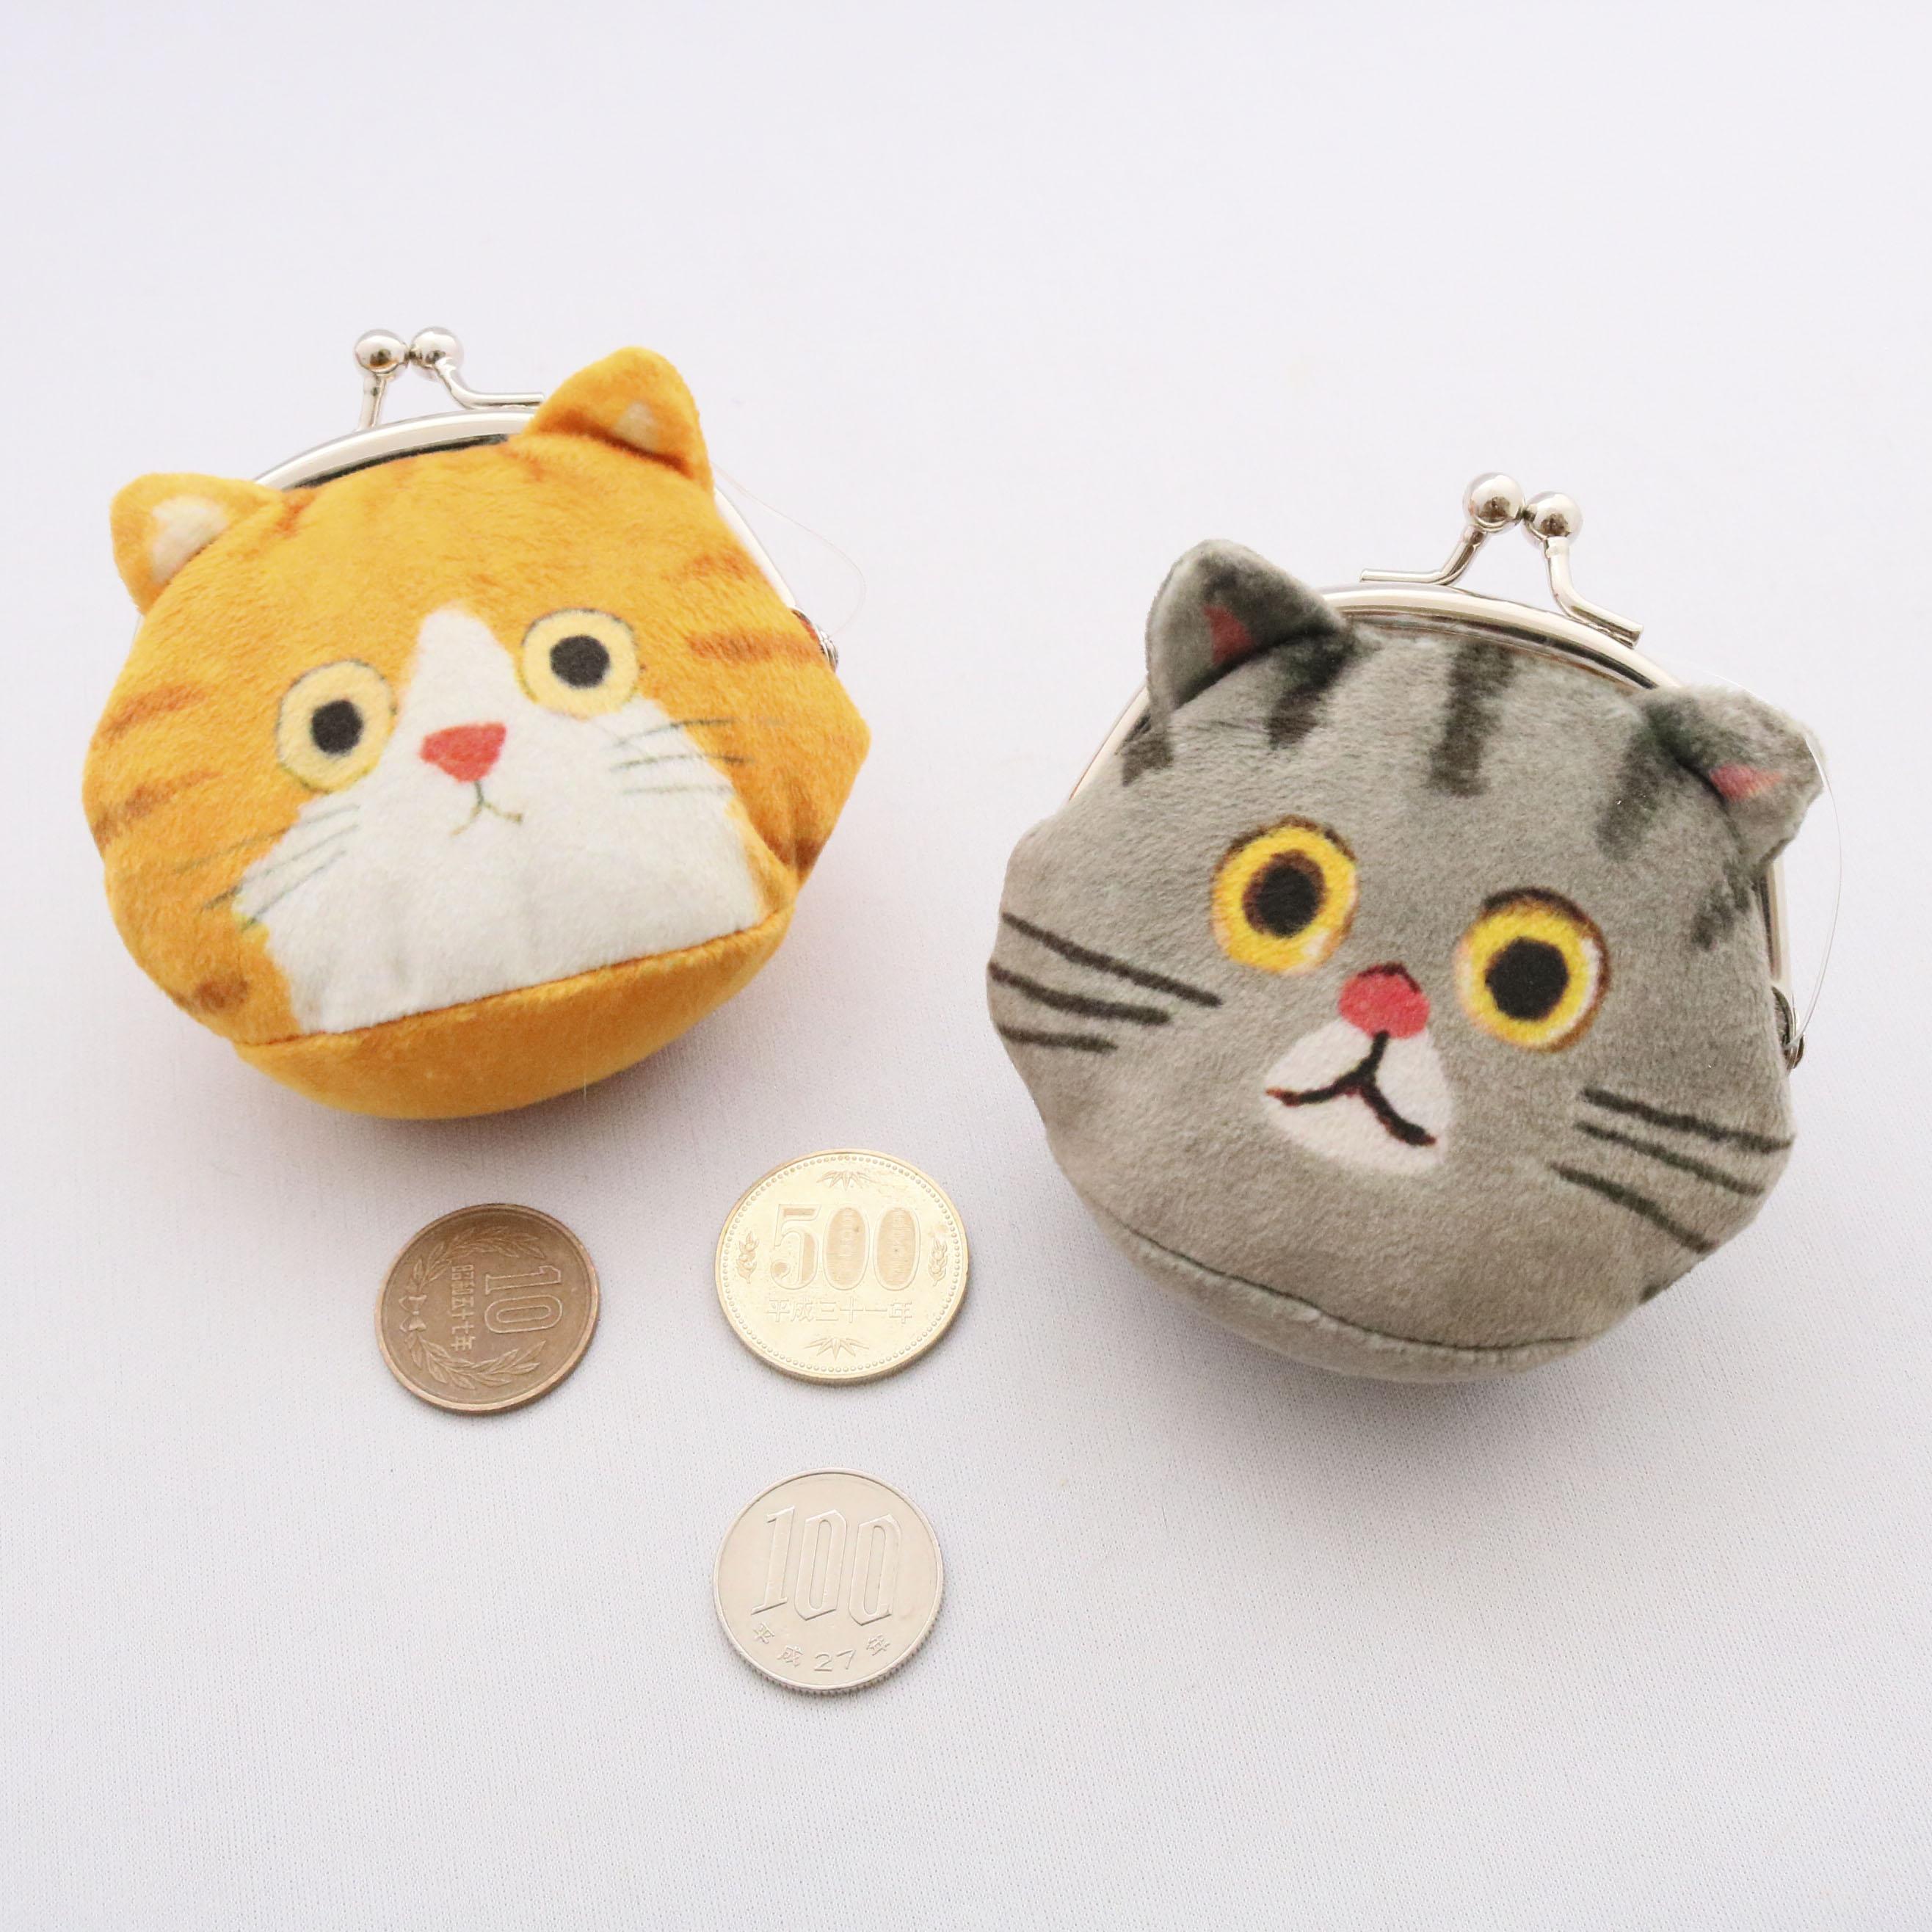 秋田 かぎしっぽ 猫雑貨 猫グッズ スマホポーチ がま口ポーチ